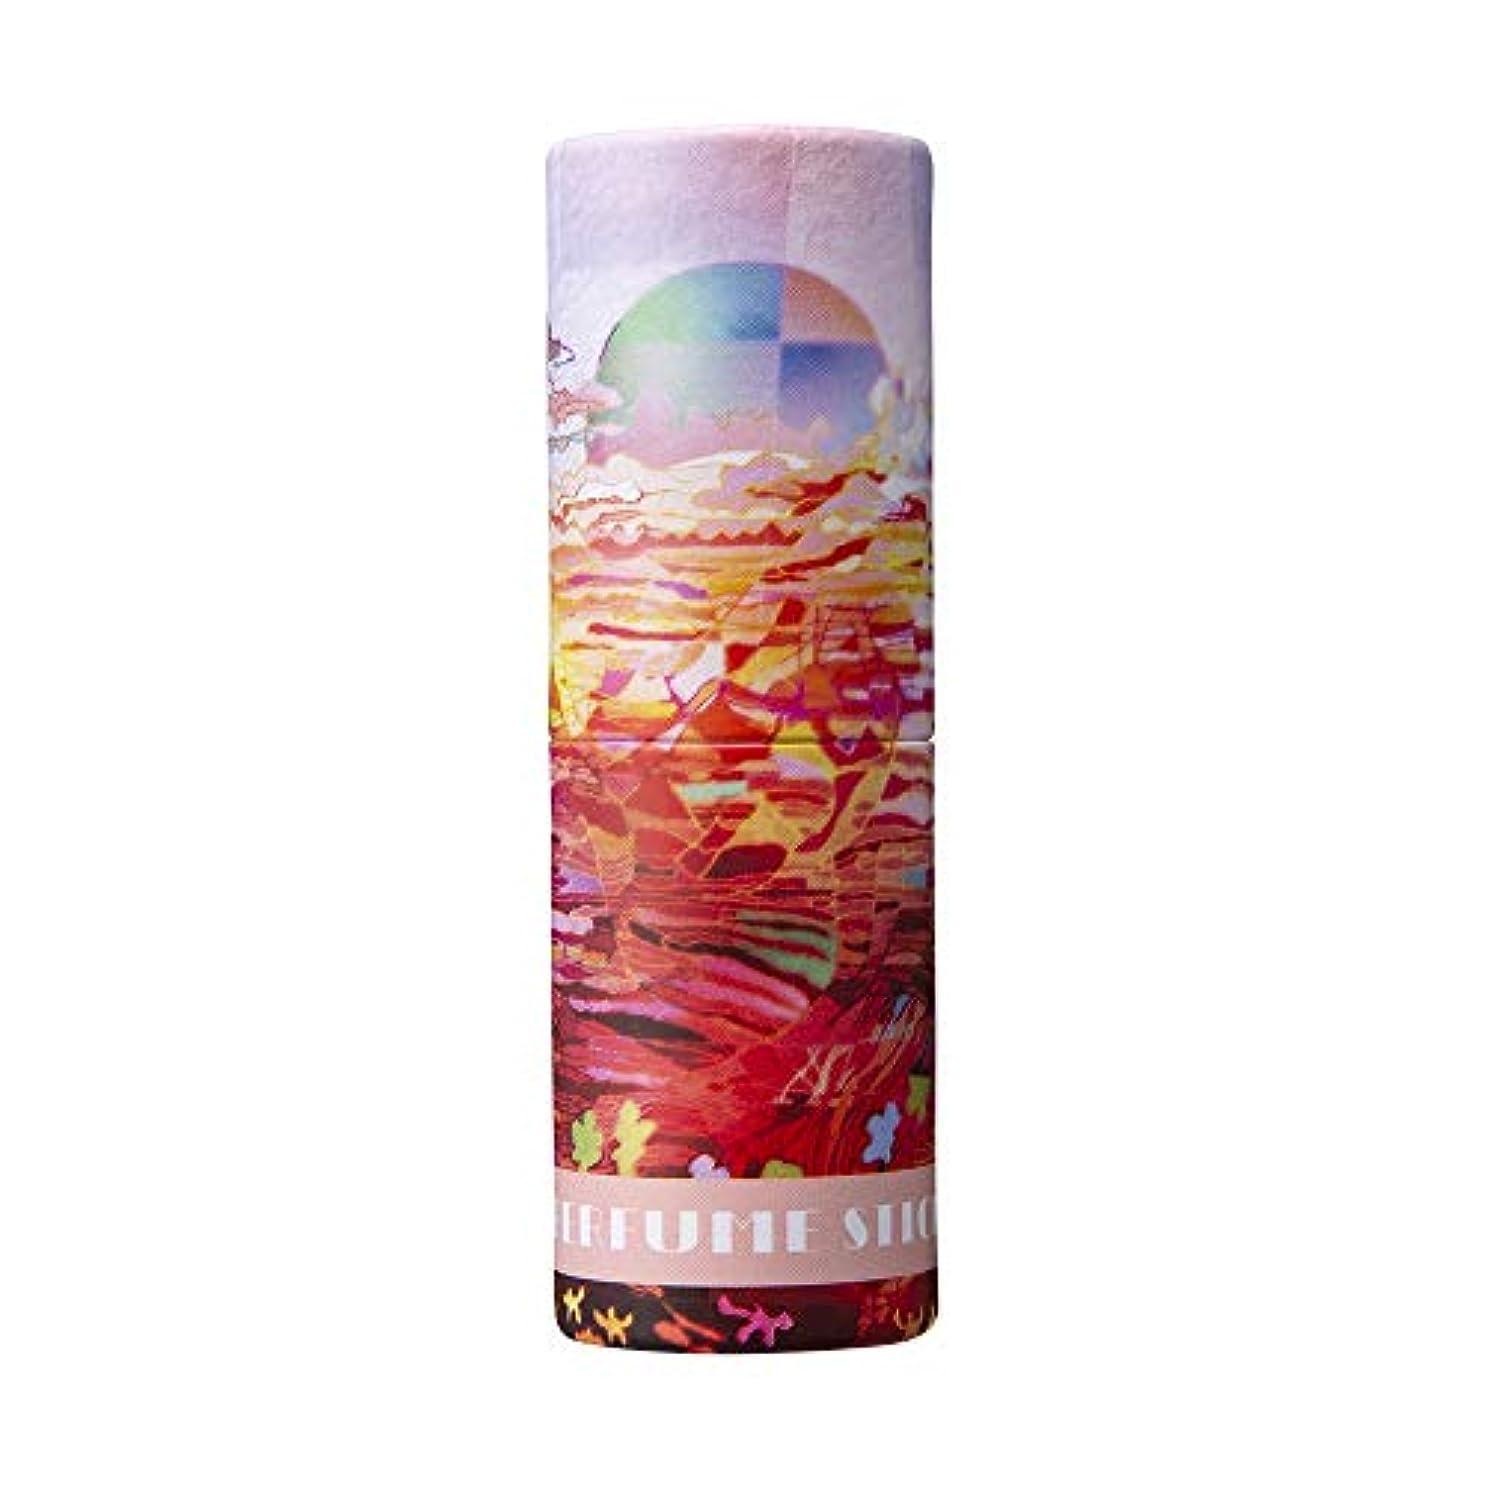 インキュバス窓を洗う酸化物パフュームスティック ハッピー アップル&ローズの香り 世界遺産デザイン 5g